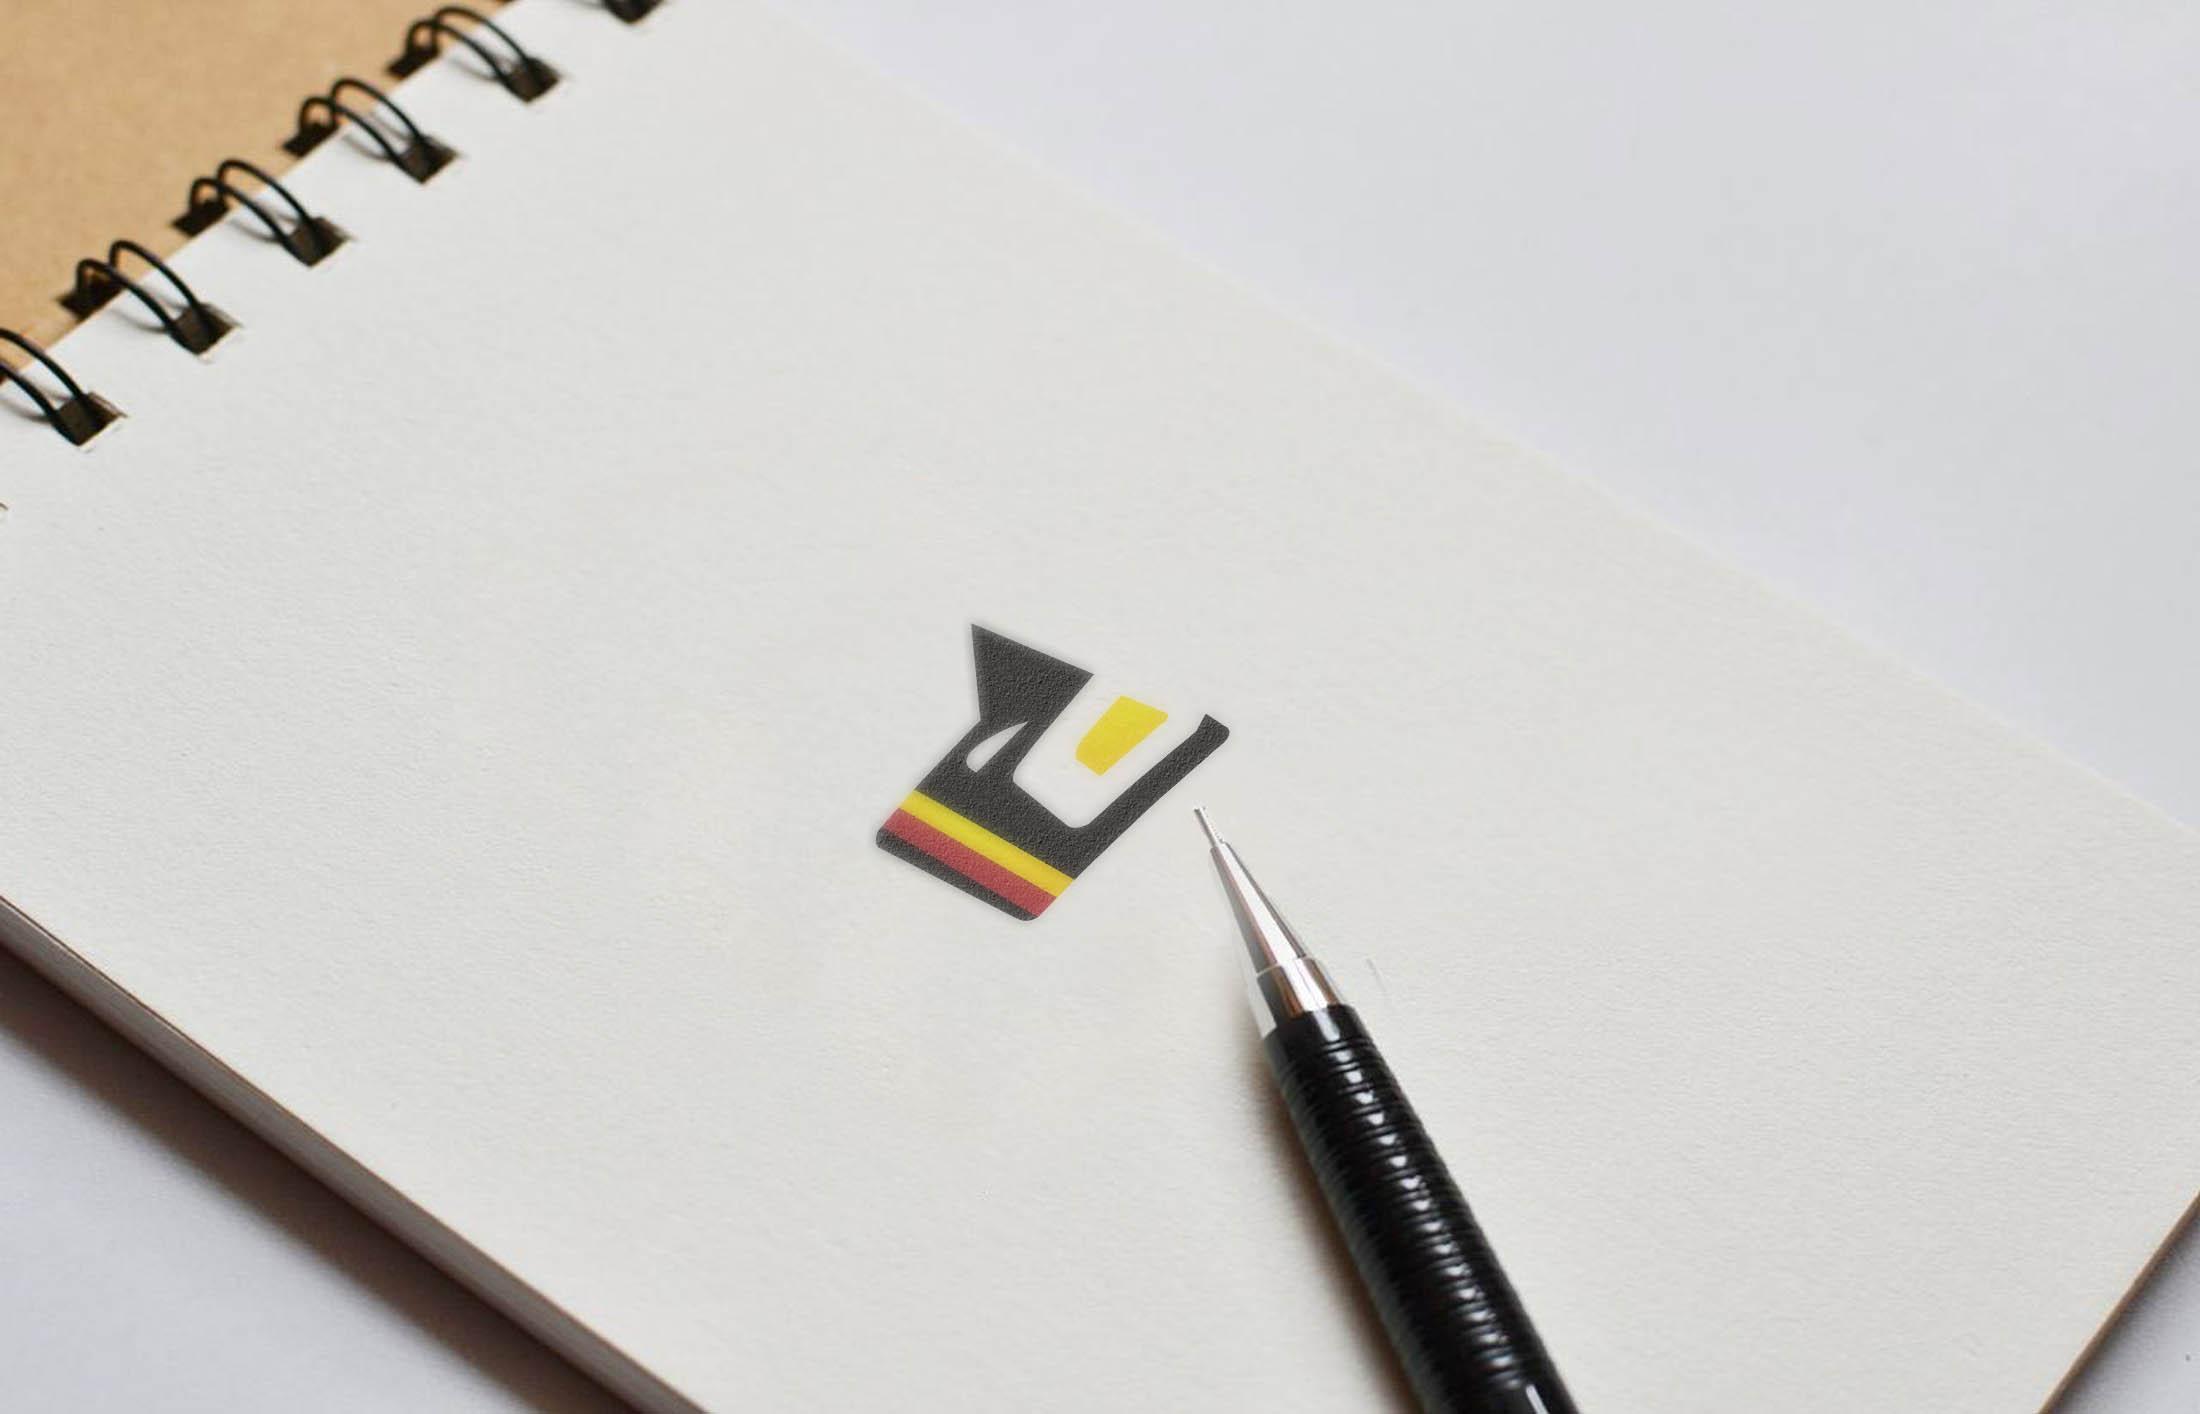 Logo修改或设计+网站小图标_3028270_k68威客网